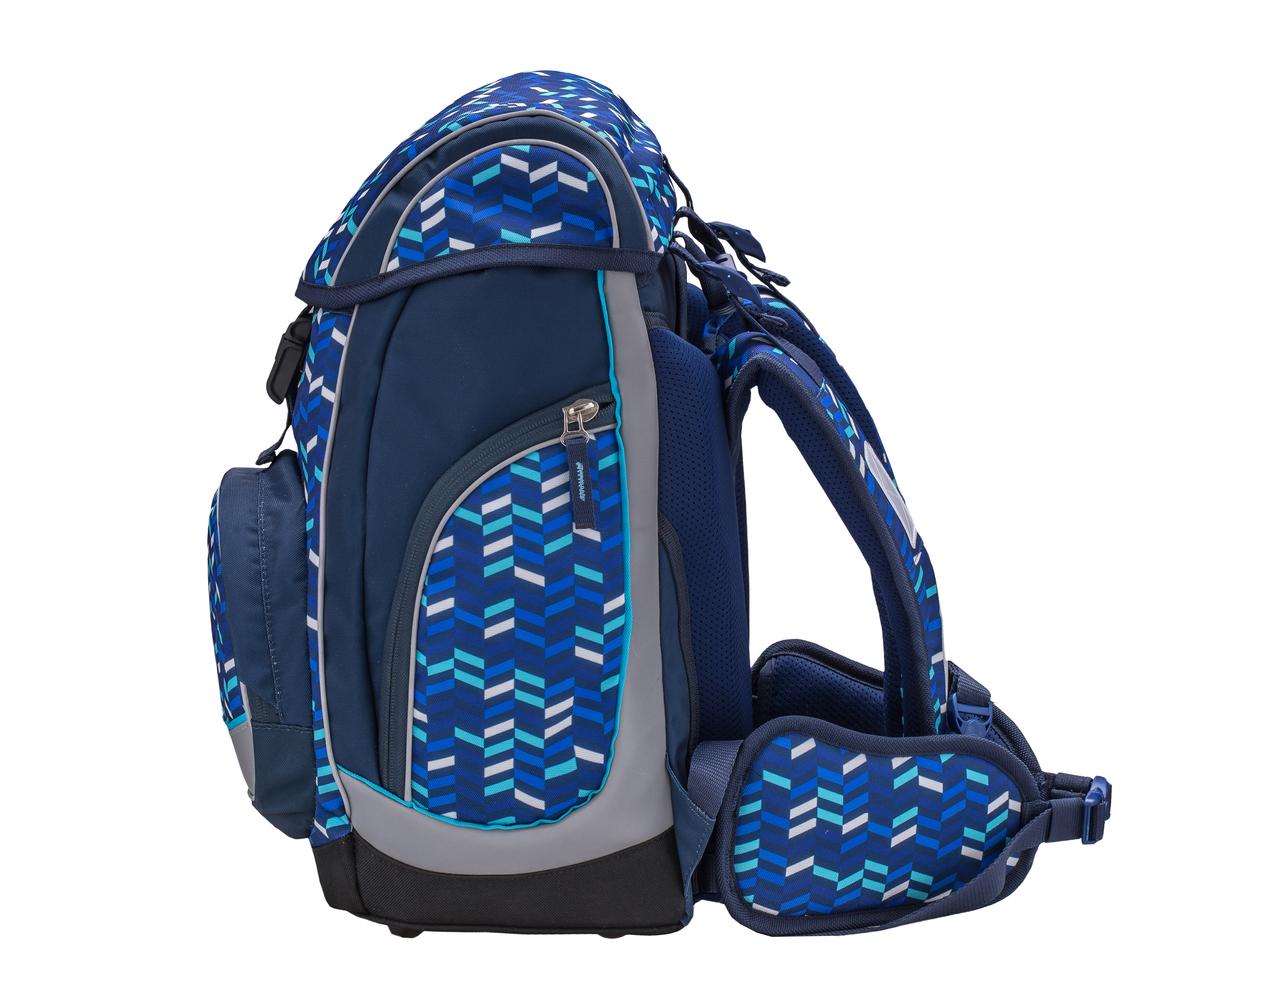 Ранец-рюкзак Belmil Comfy Pack 405-11/687 цвет Blue Mix + дождевик, - фото 5